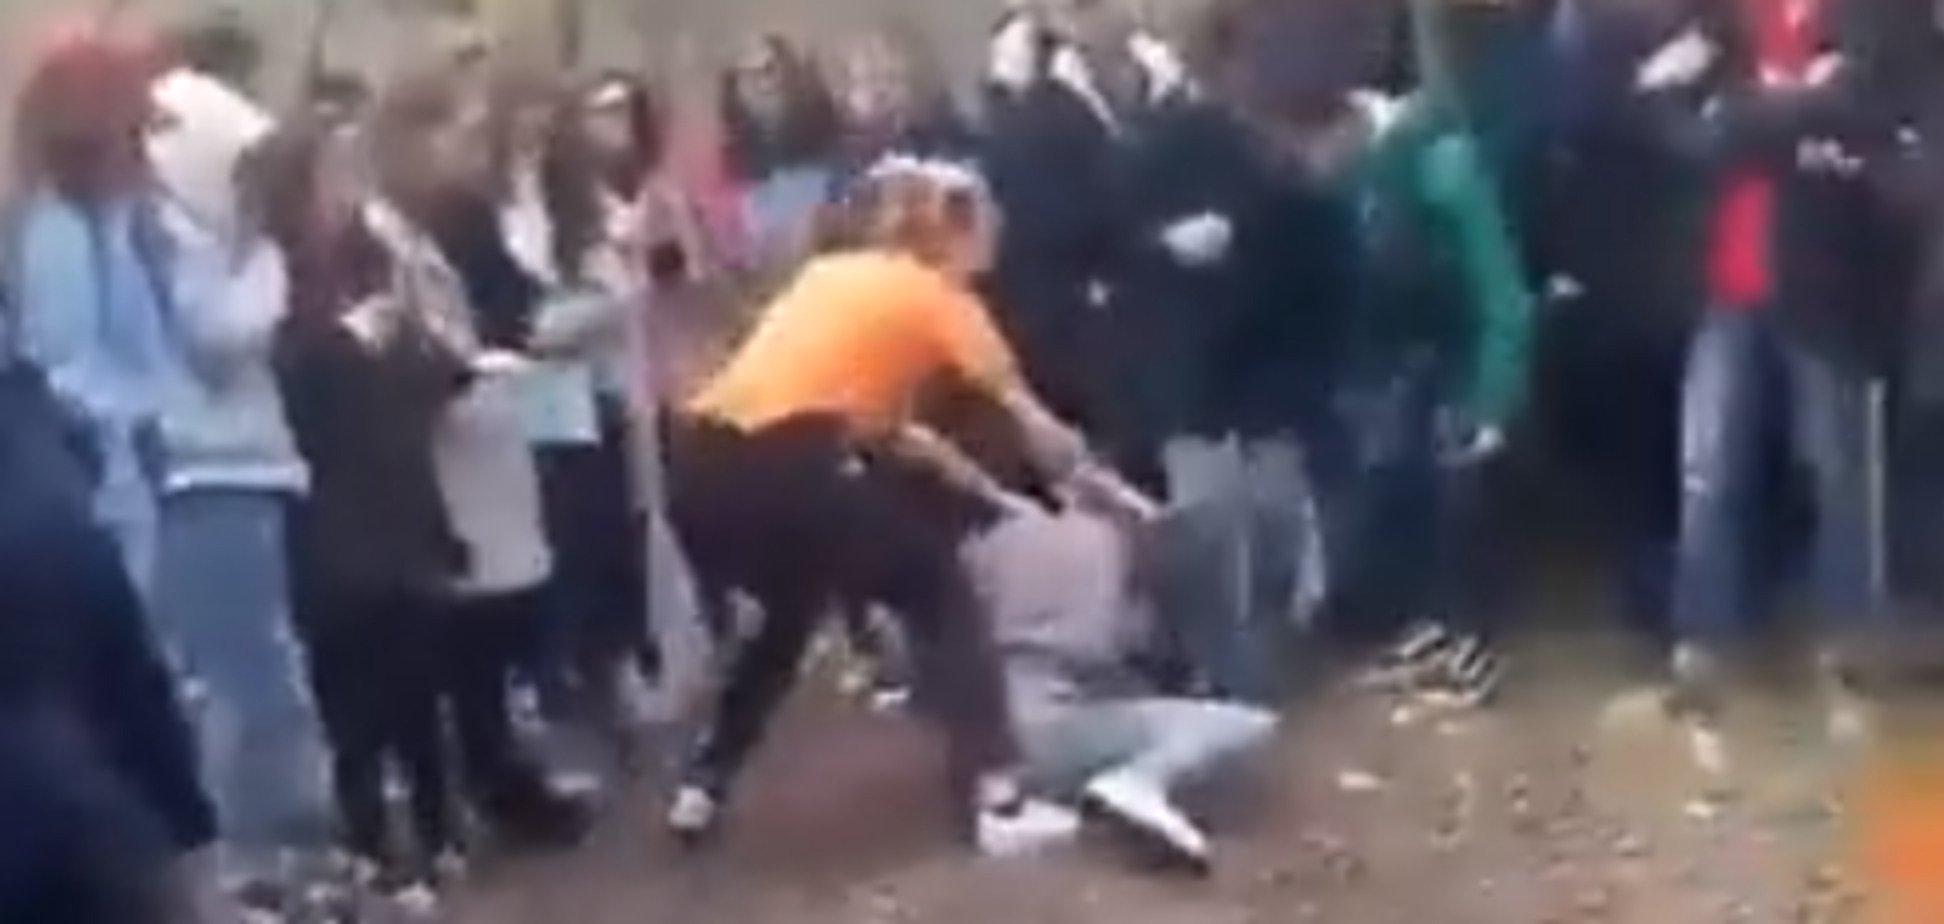 'Бої без правил' школярок на Херсонщині: психолог пояснив жорстокість підлітків